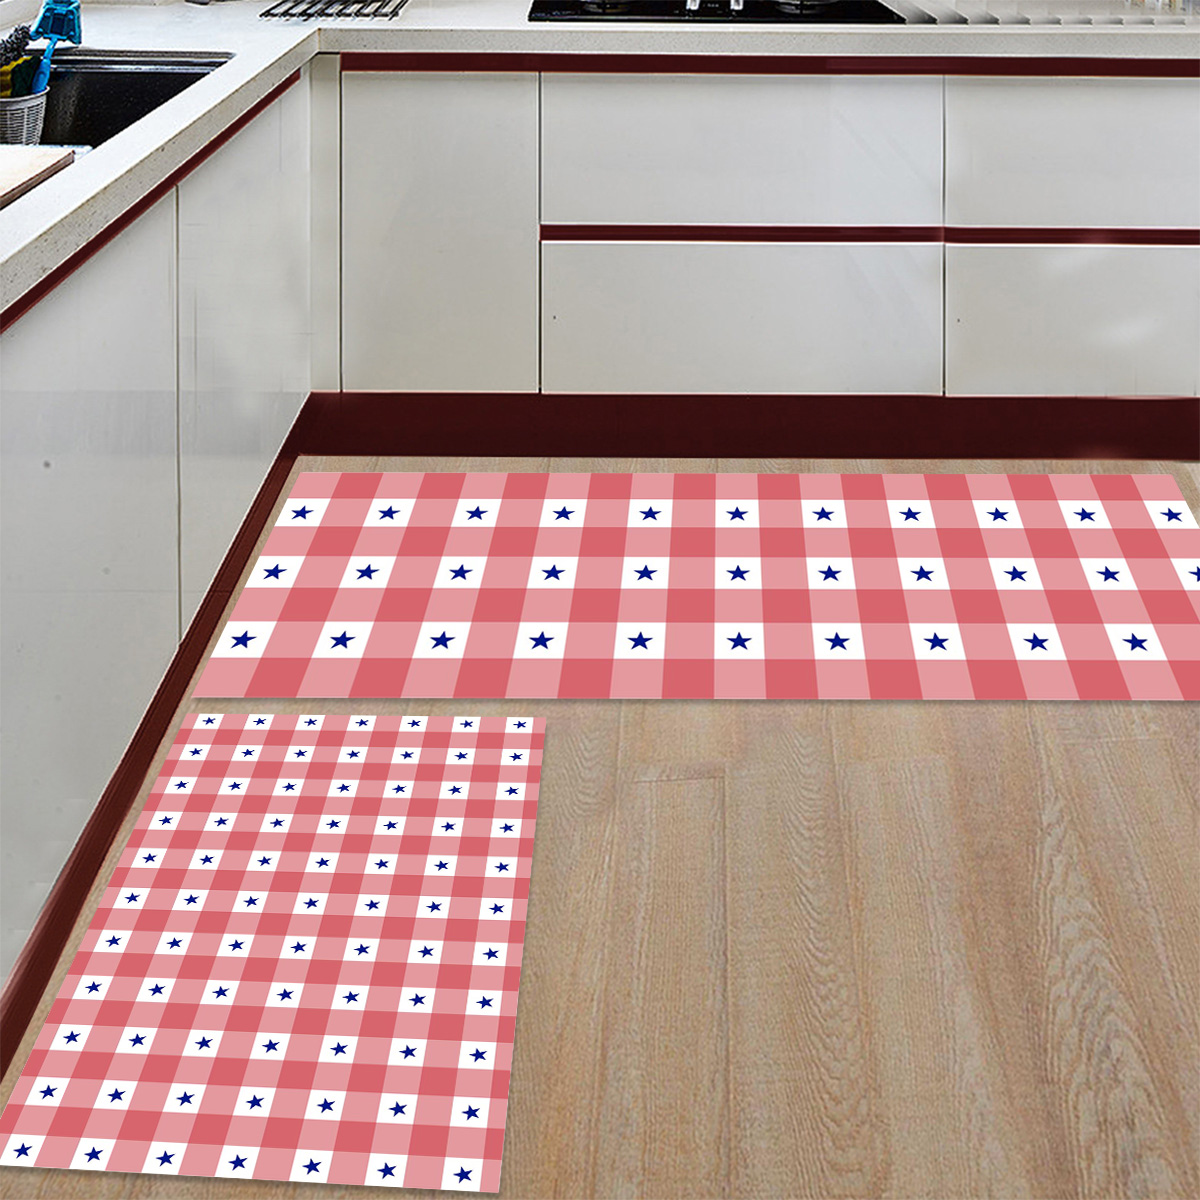 Nordique joyeux noël rouge et blanc Plaid 2 pièces tapis de cuisine paillassons pour entrée manière salle de bains accessoires Set saleté débris - 2